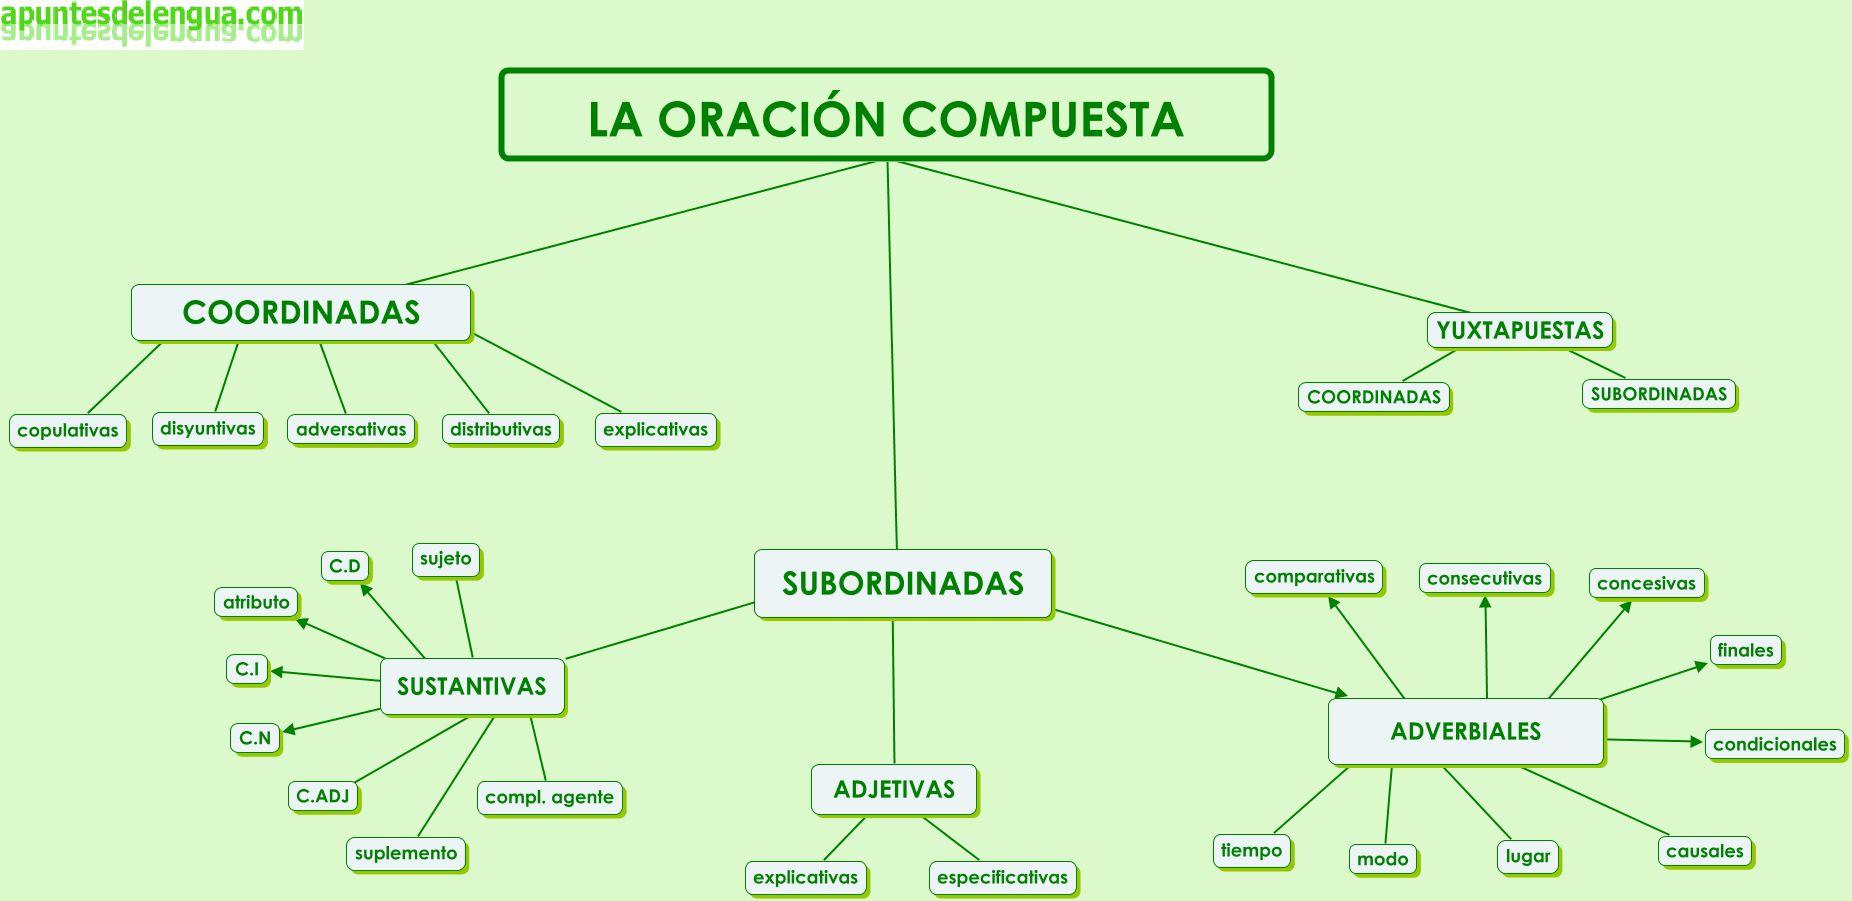 Mapa Conceptual De La Oración Compuesta Tipos De Oraciones Sintaxis Clases De Oraciones